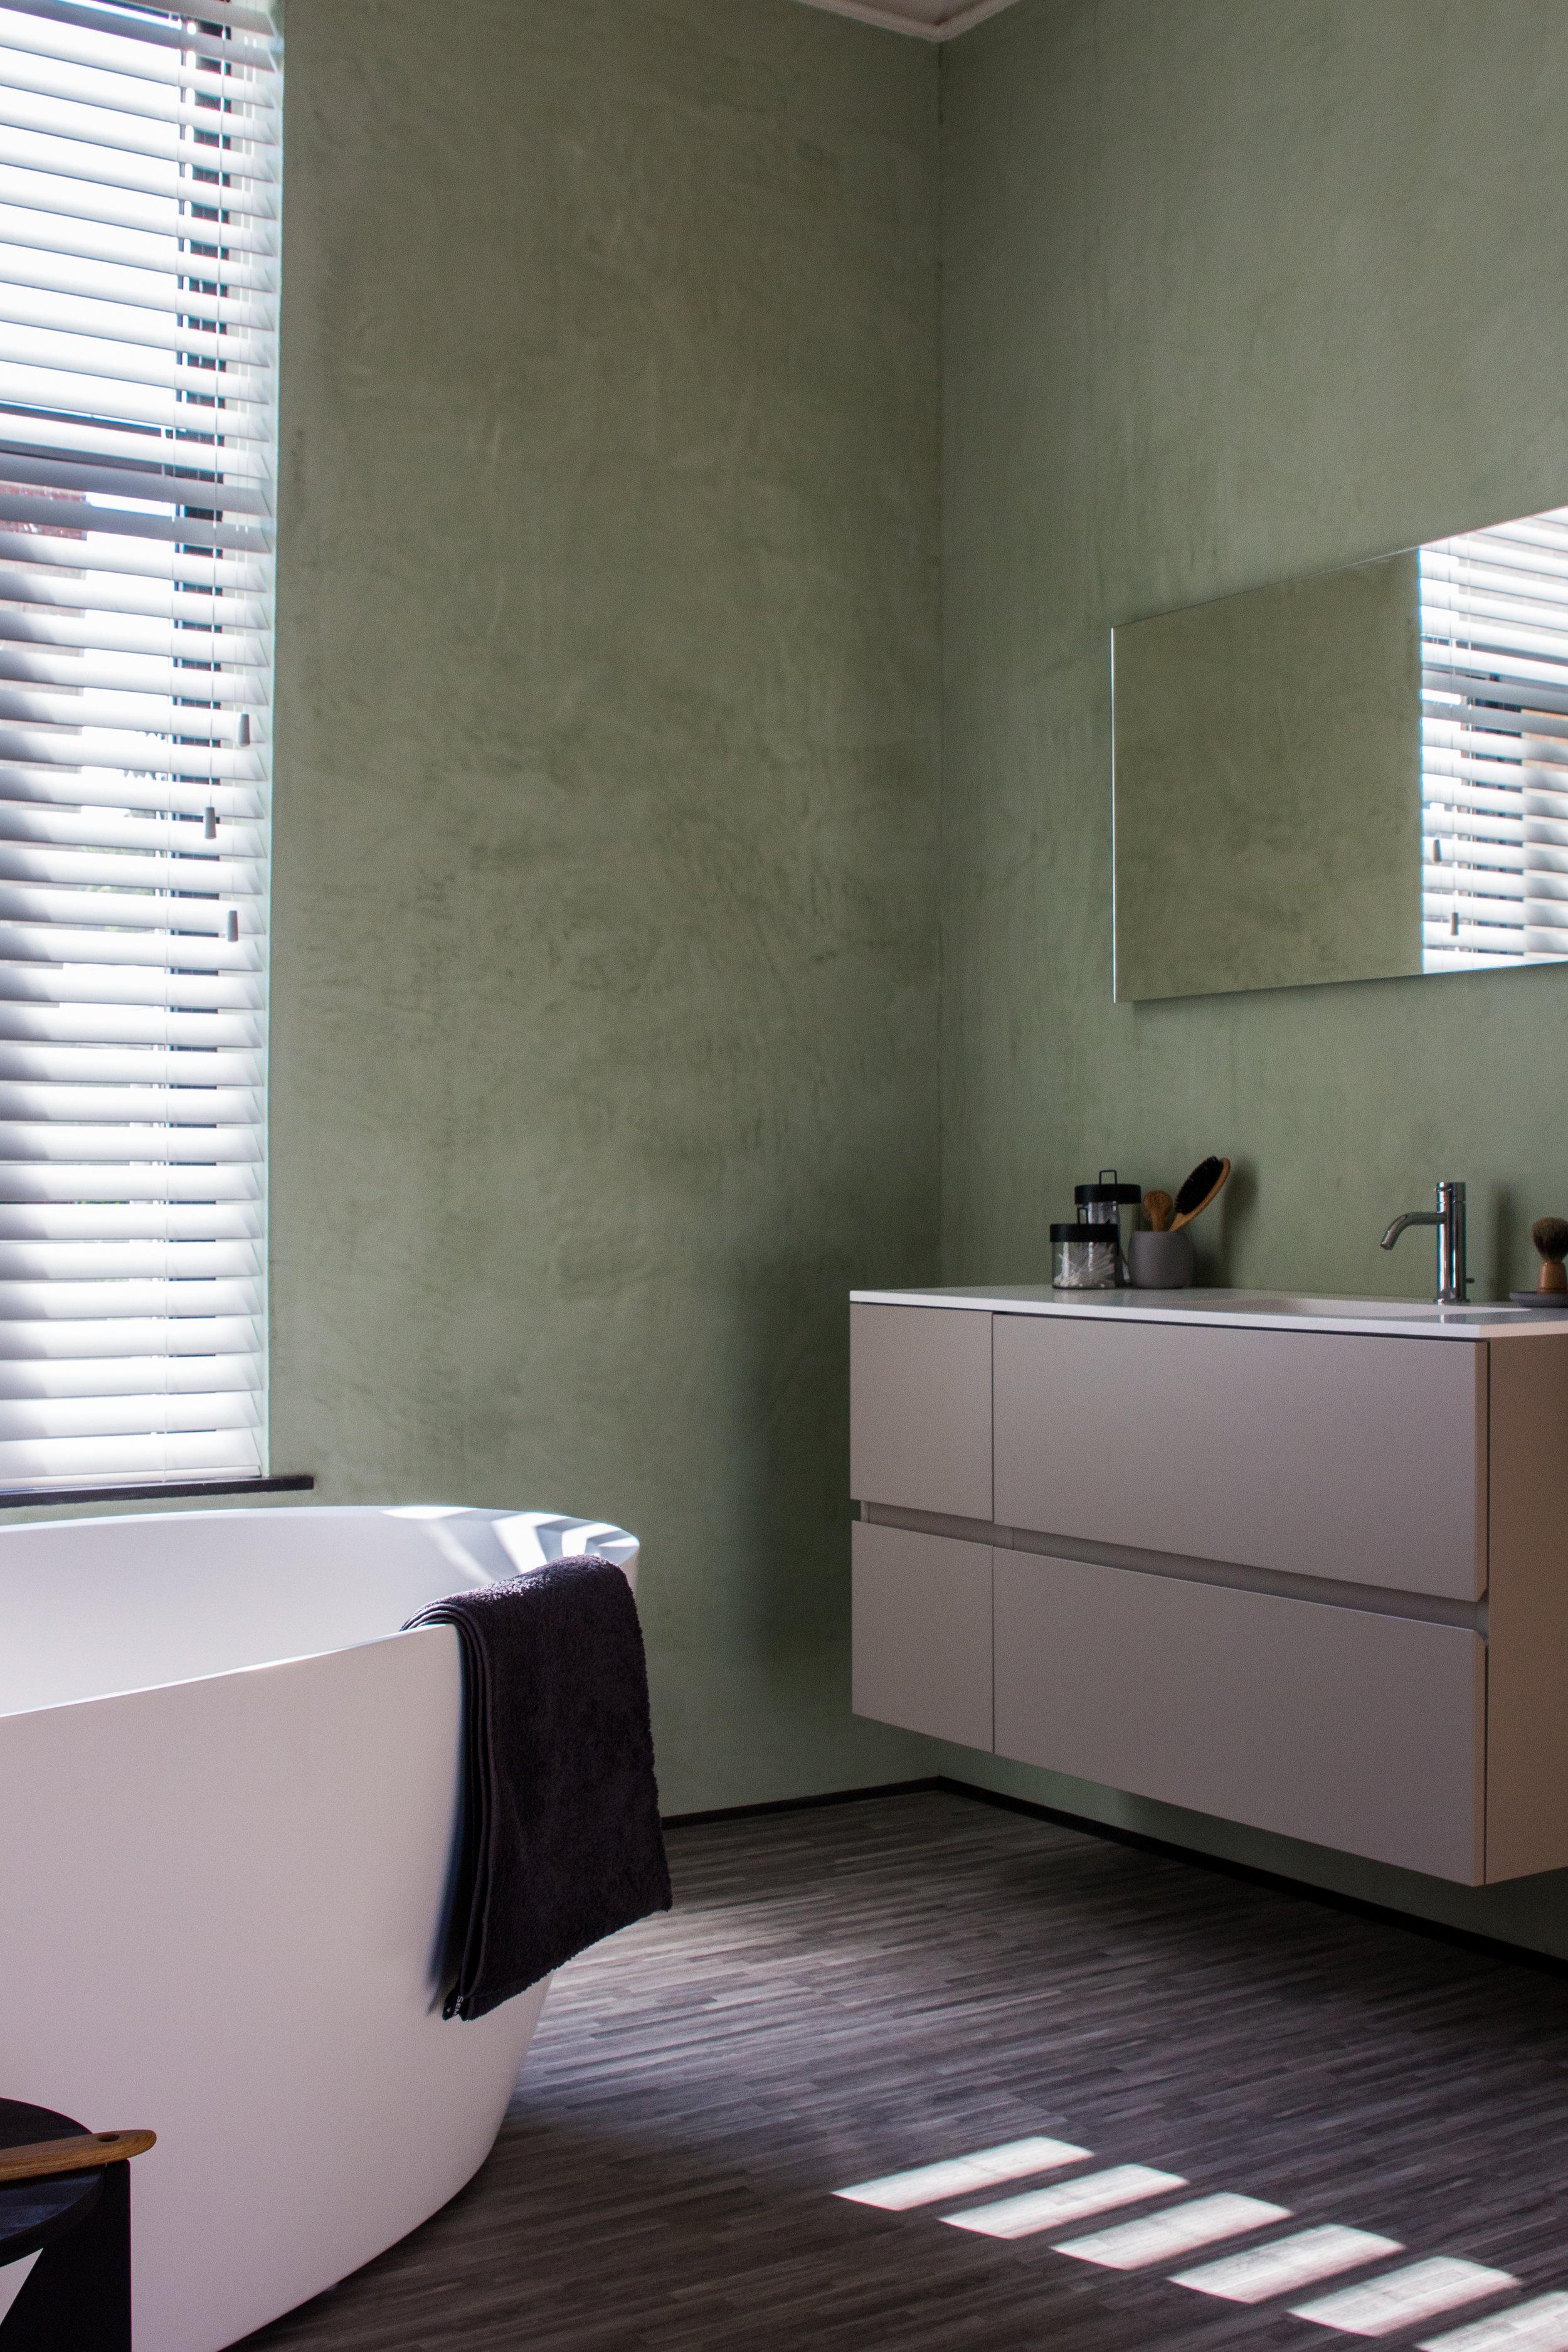 Roomin Gent - www.haarscherp.be